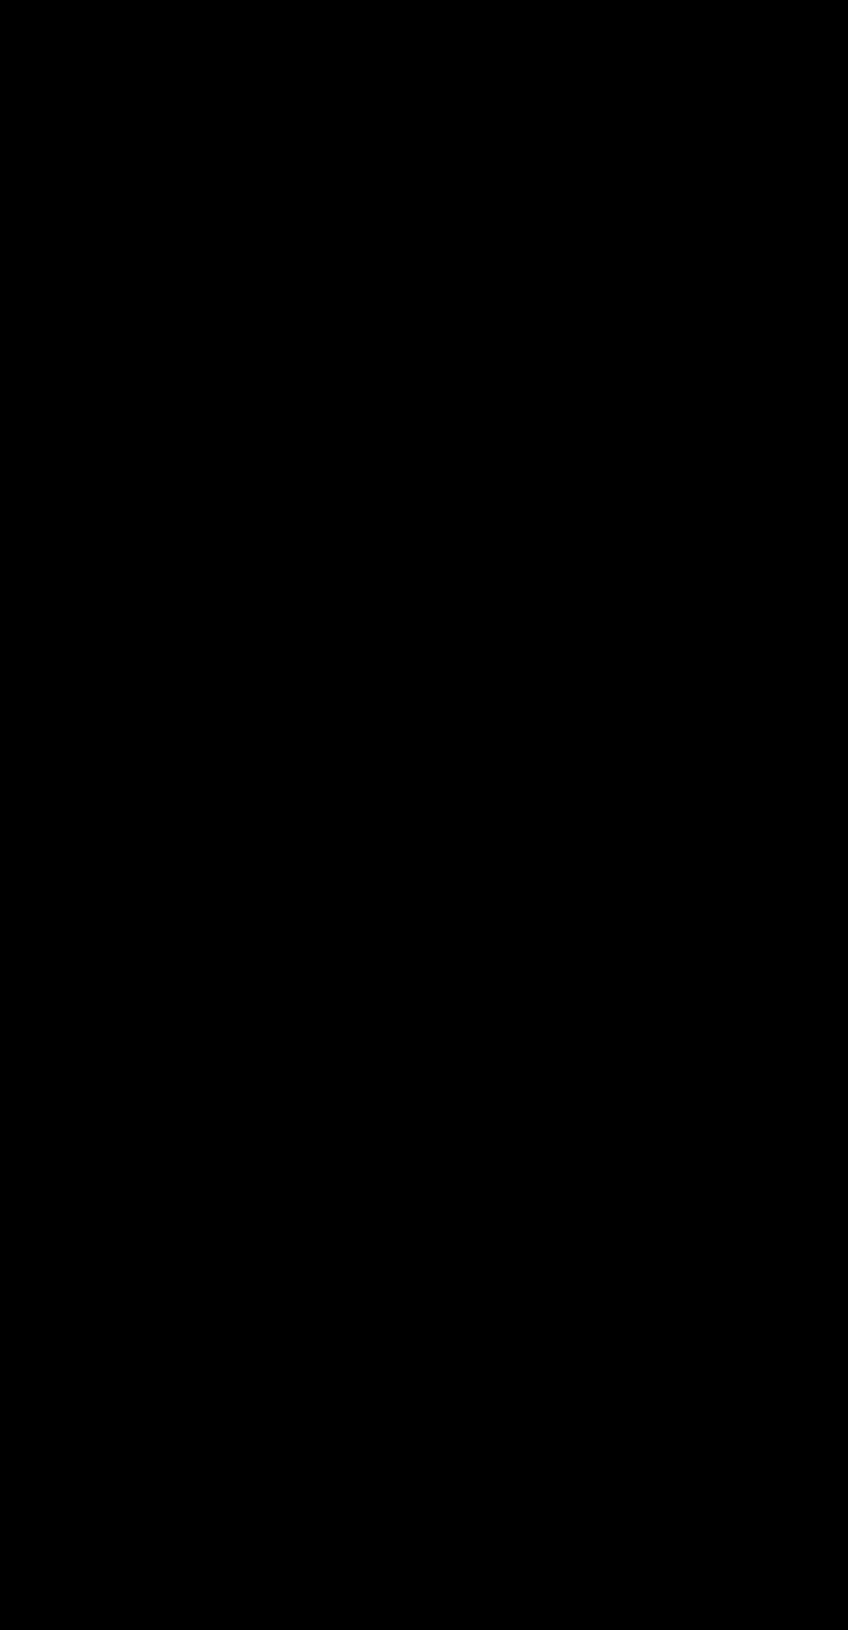 10 Black Smoke (PNG Transparent) | OnlyGFX com